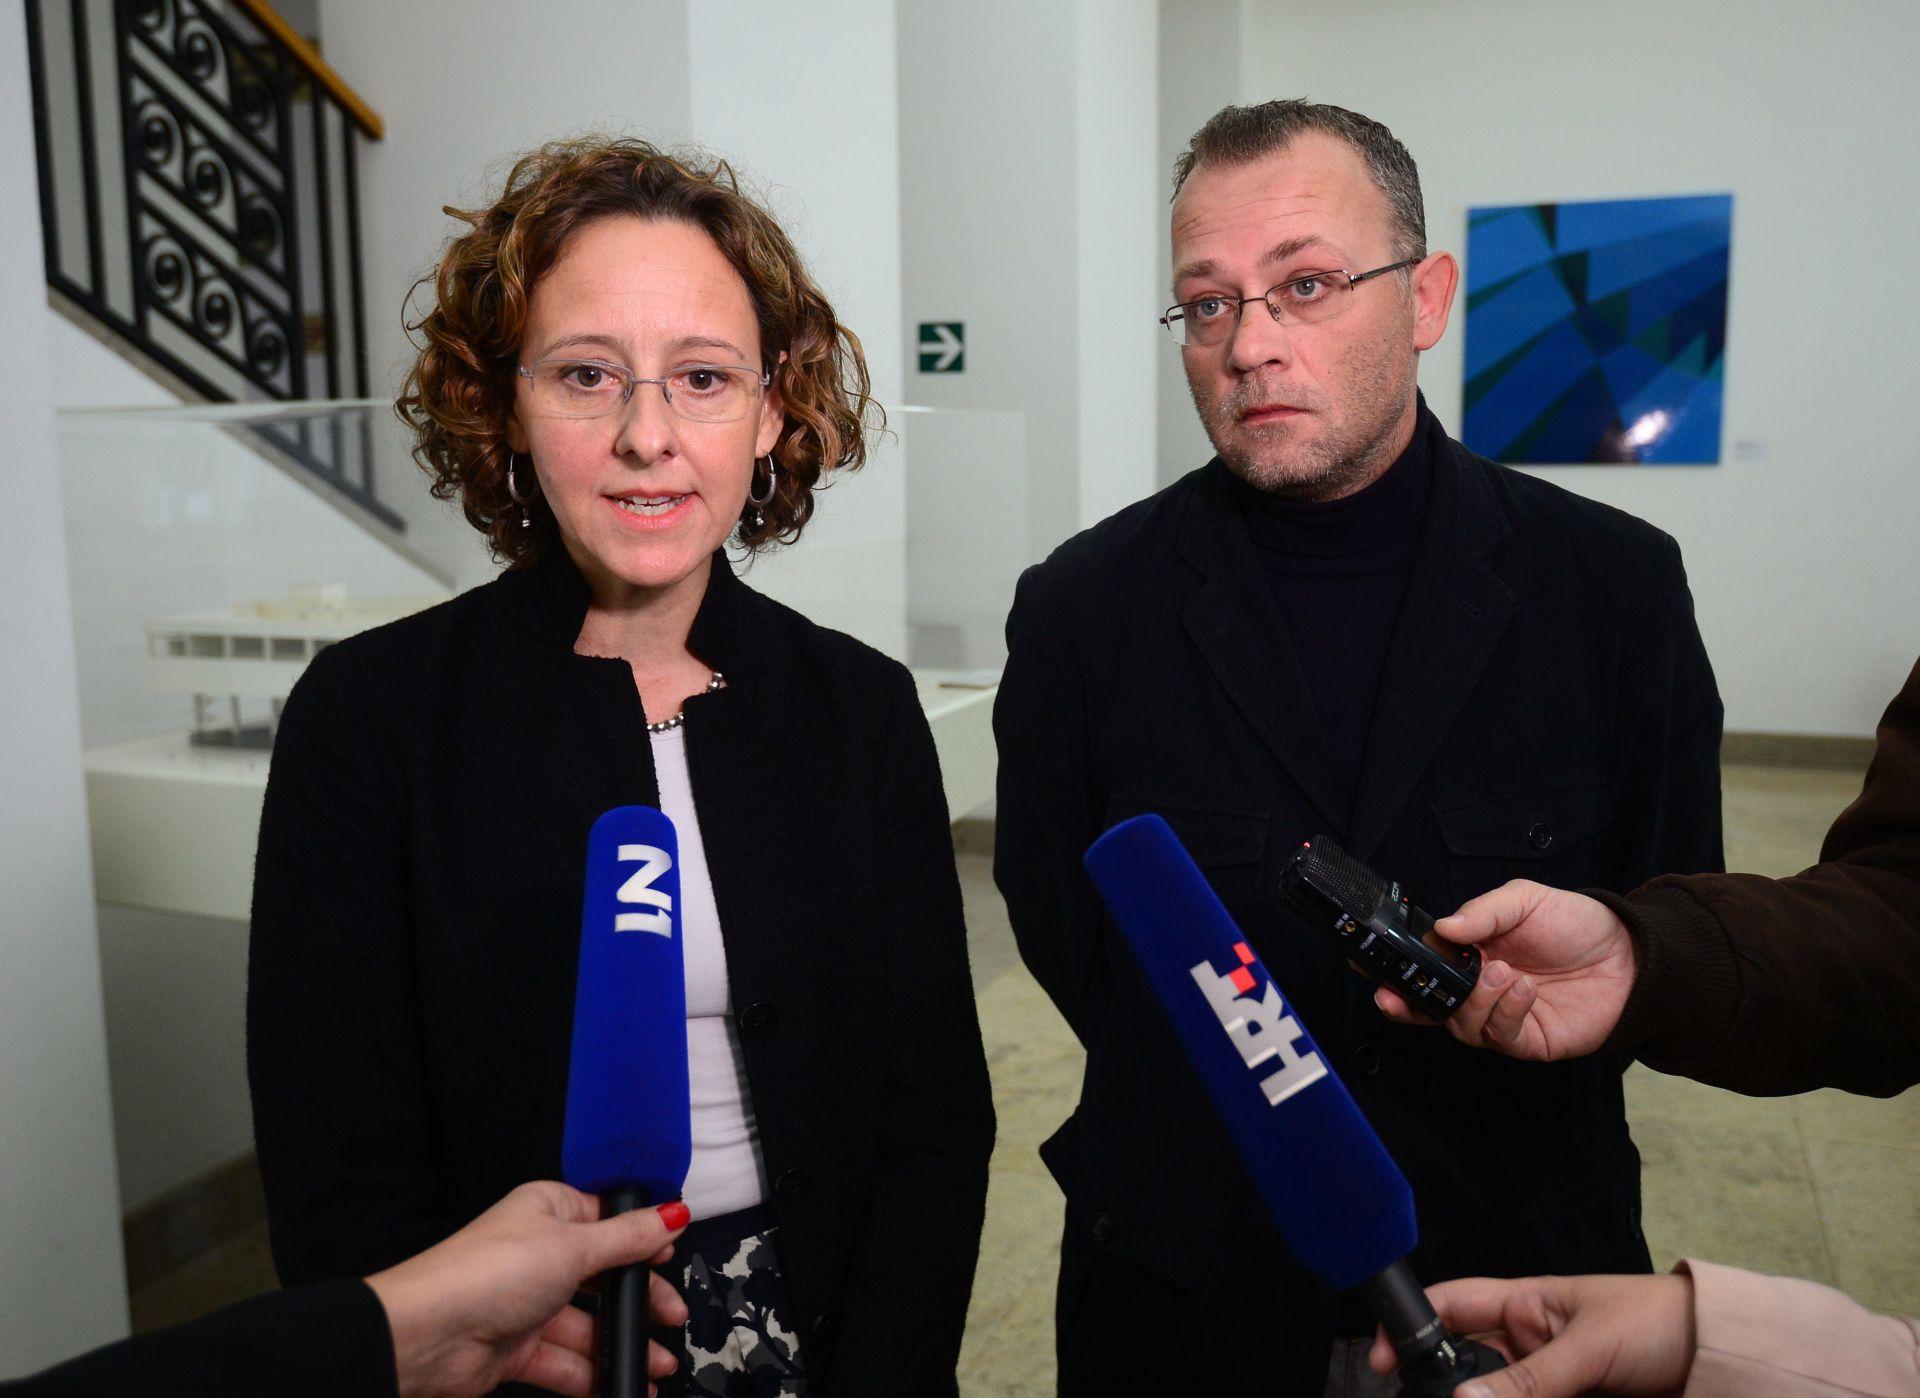 MINISTARSTVO: Obuljen Koržinek smijenila Hasanbegovićeva kulturna vijeća